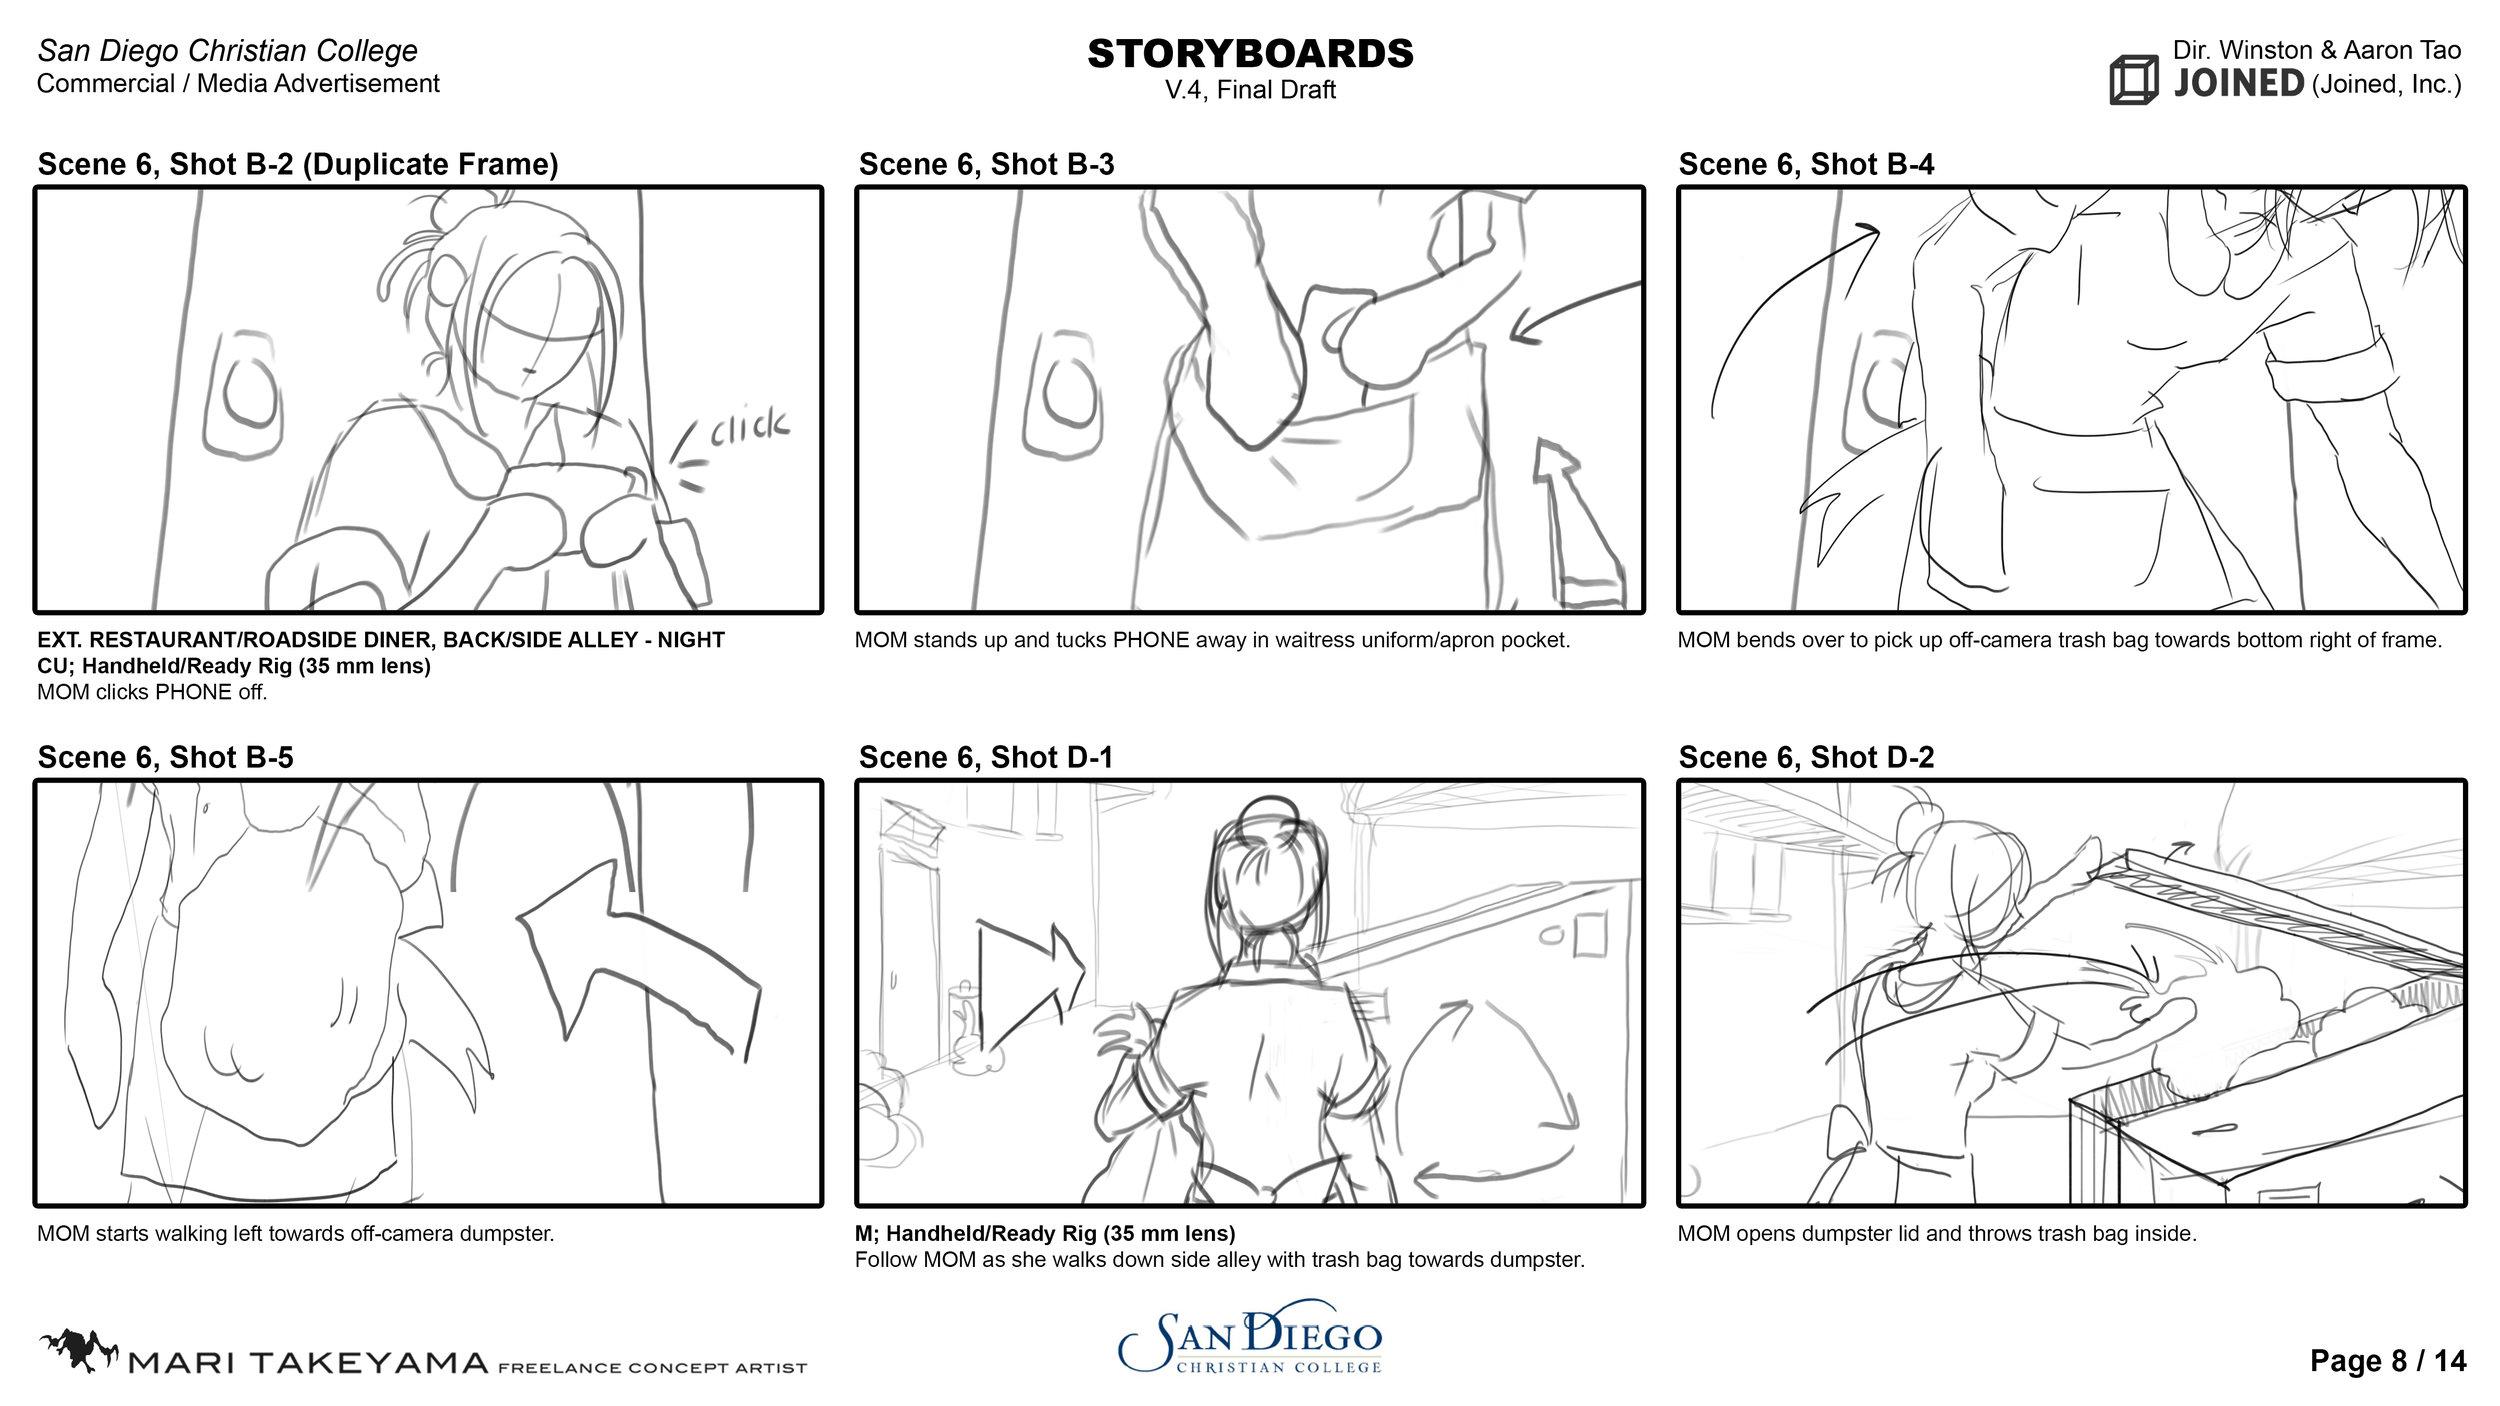 SDCC_Storyboards_FinalDraft_11.jpg